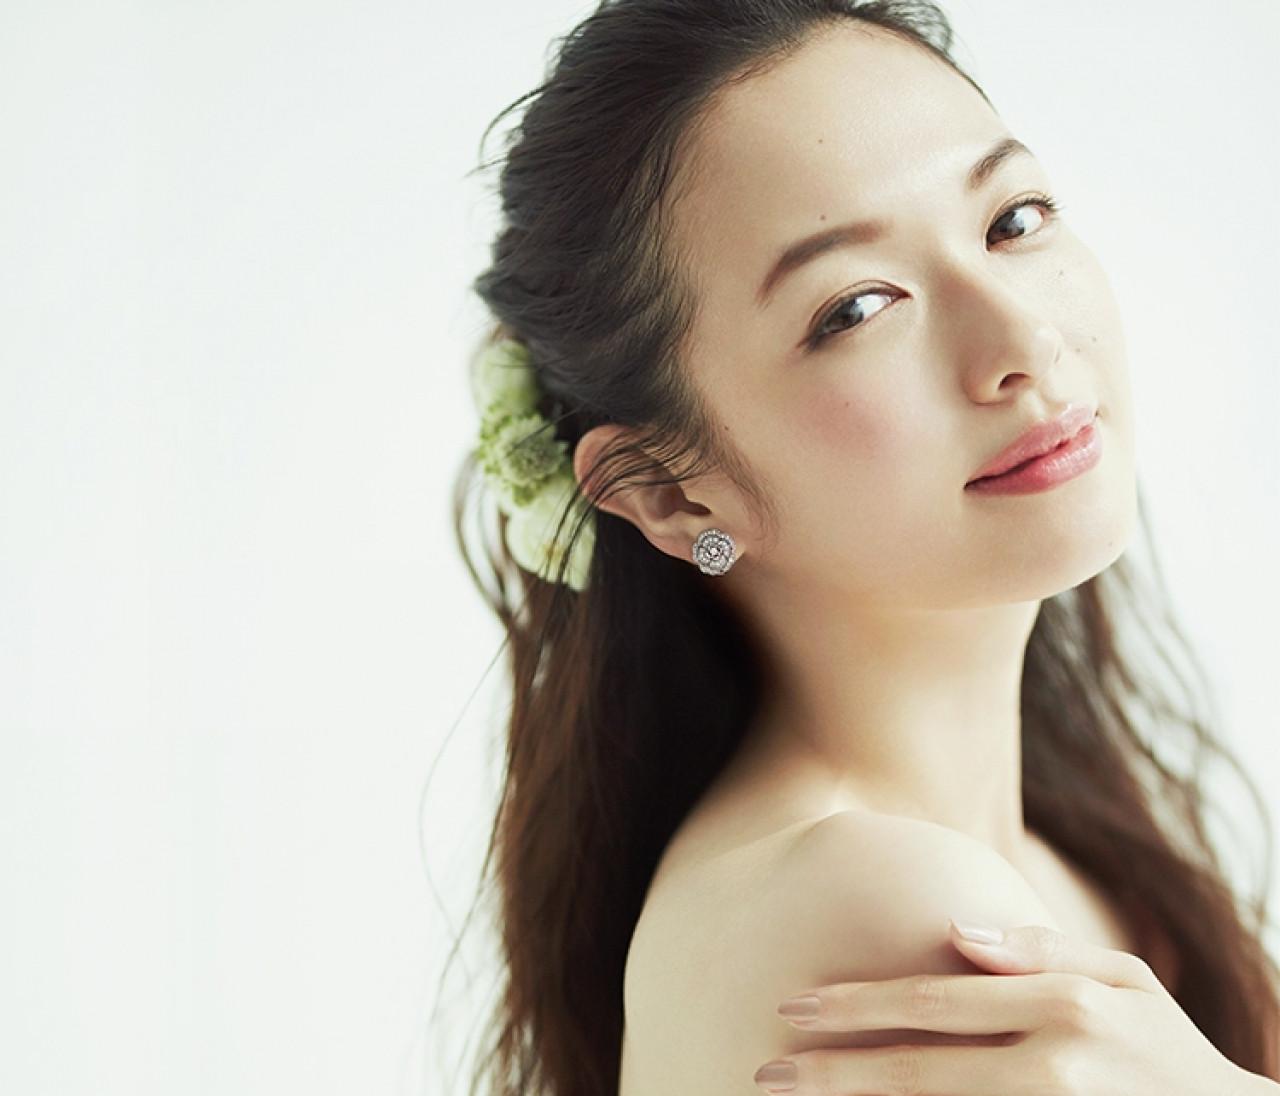 シャネルの結婚指輪&婚約指輪まとめ【結婚式で最高の花嫁になる!】